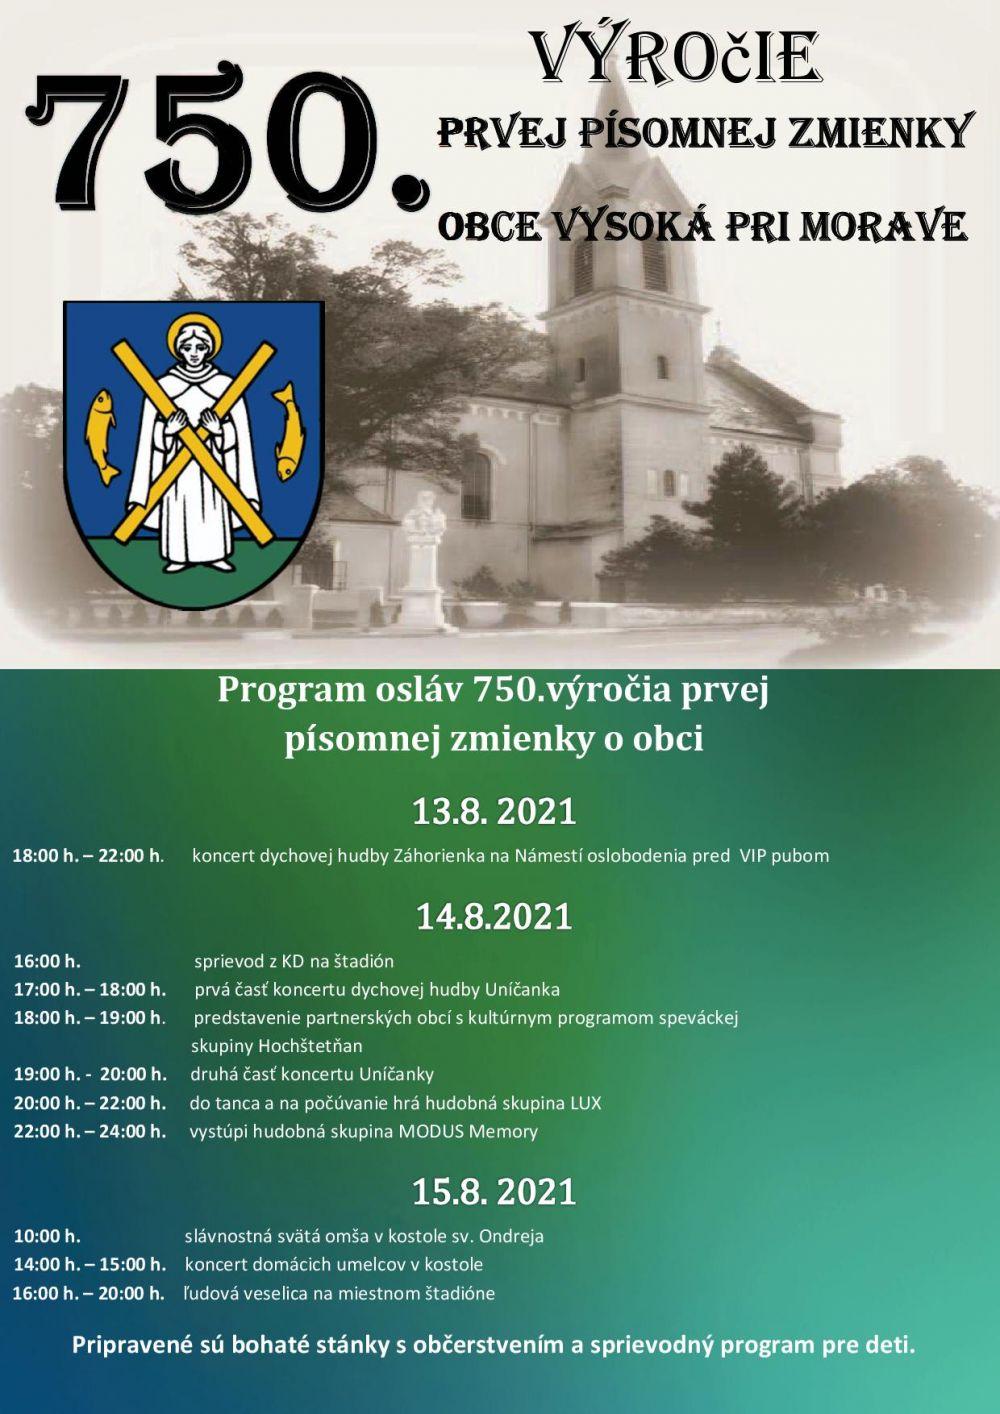 750. výročie prvej písomnej zmienky Obce Vysoká pri Morave